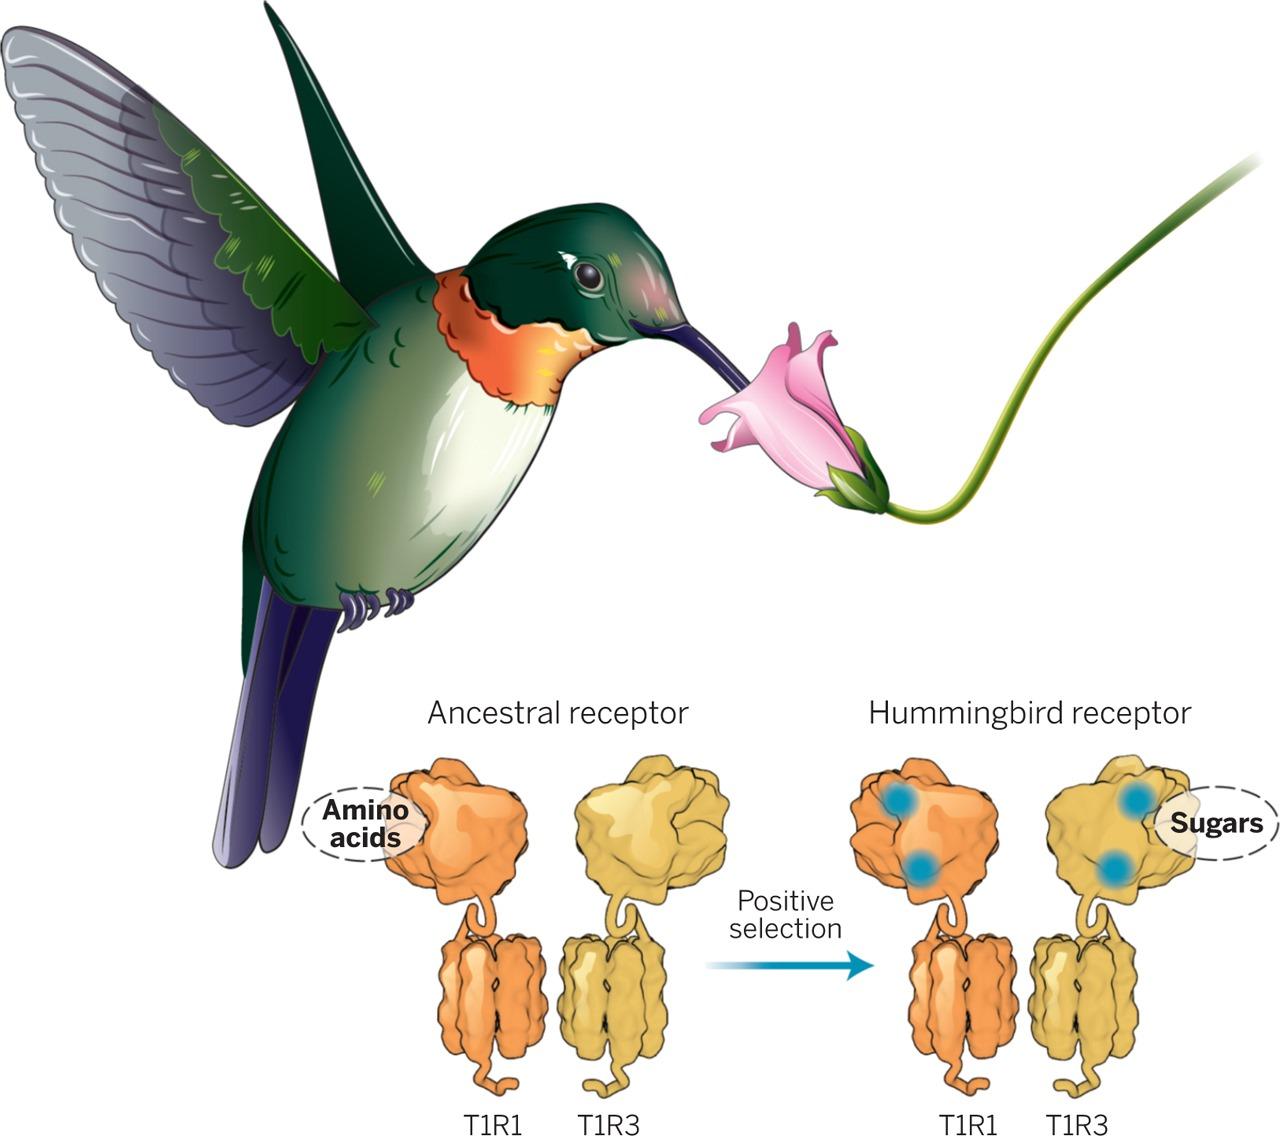 Réacquisition du goût sucré chez les colibris par modification du récepteur à l'<em>umami</em>, Baldwin et al., 2014